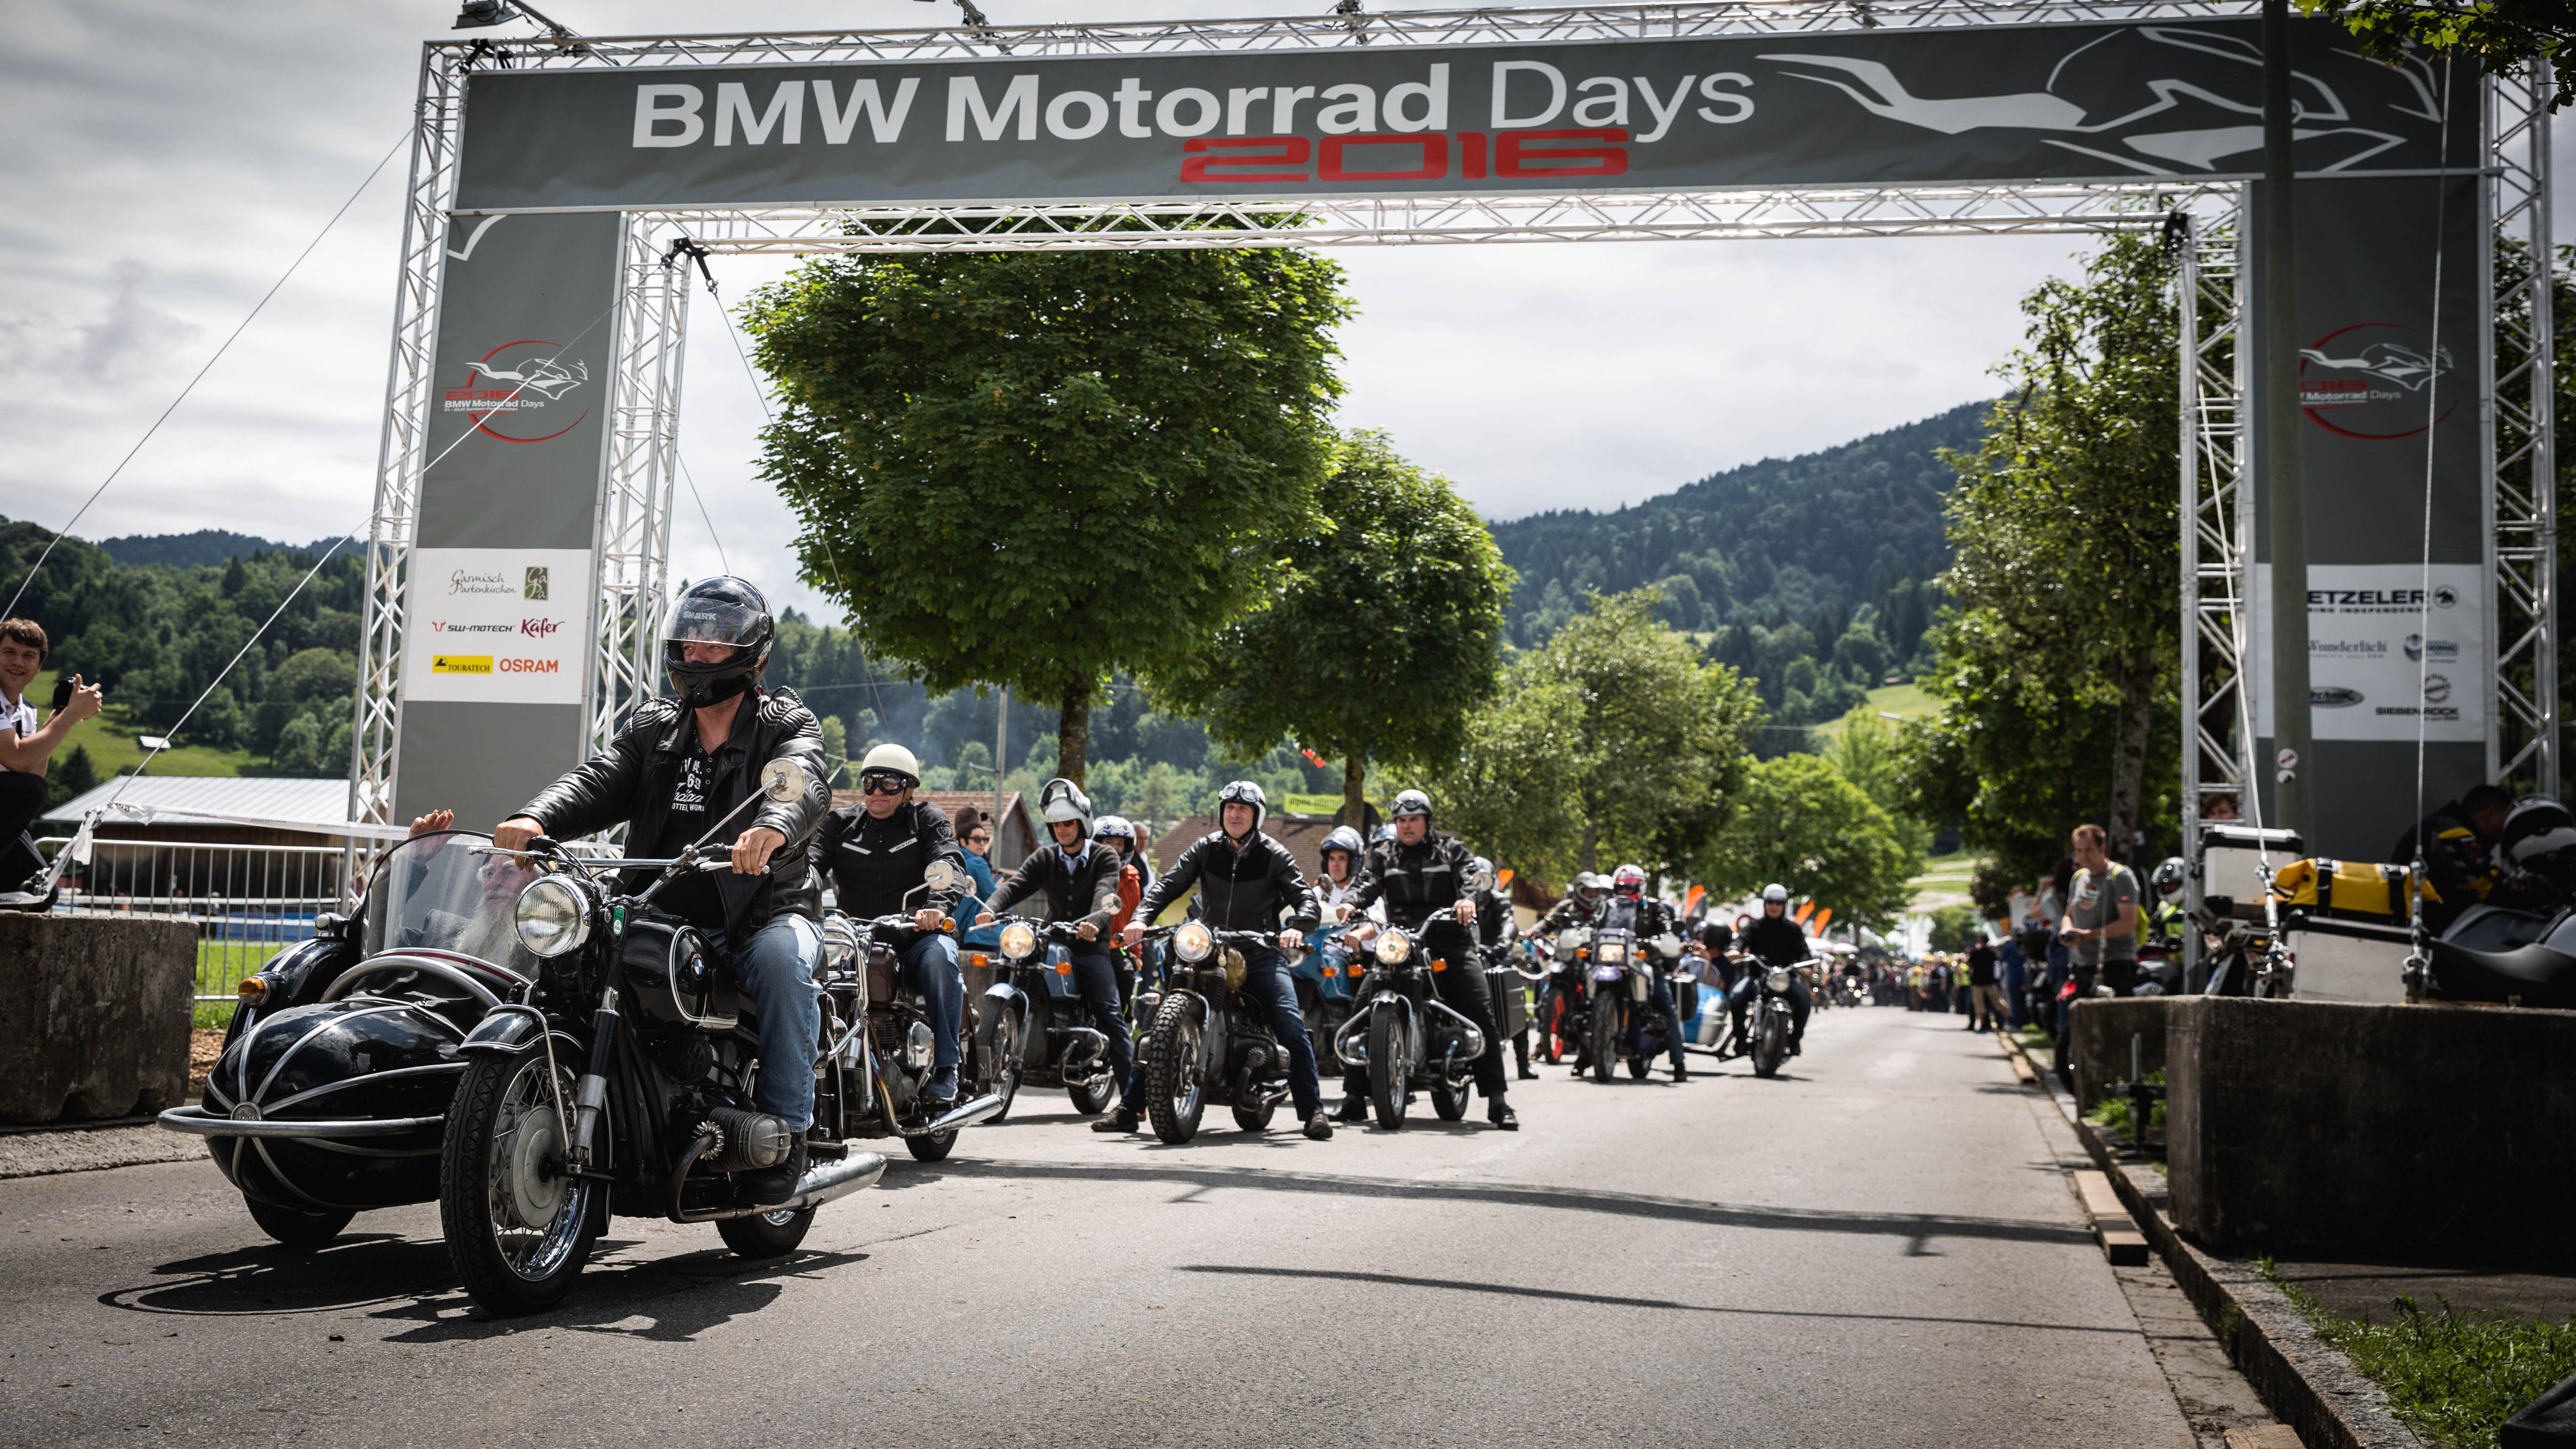 Ρεκόρ για τις μοτοσυκλέτες BMW